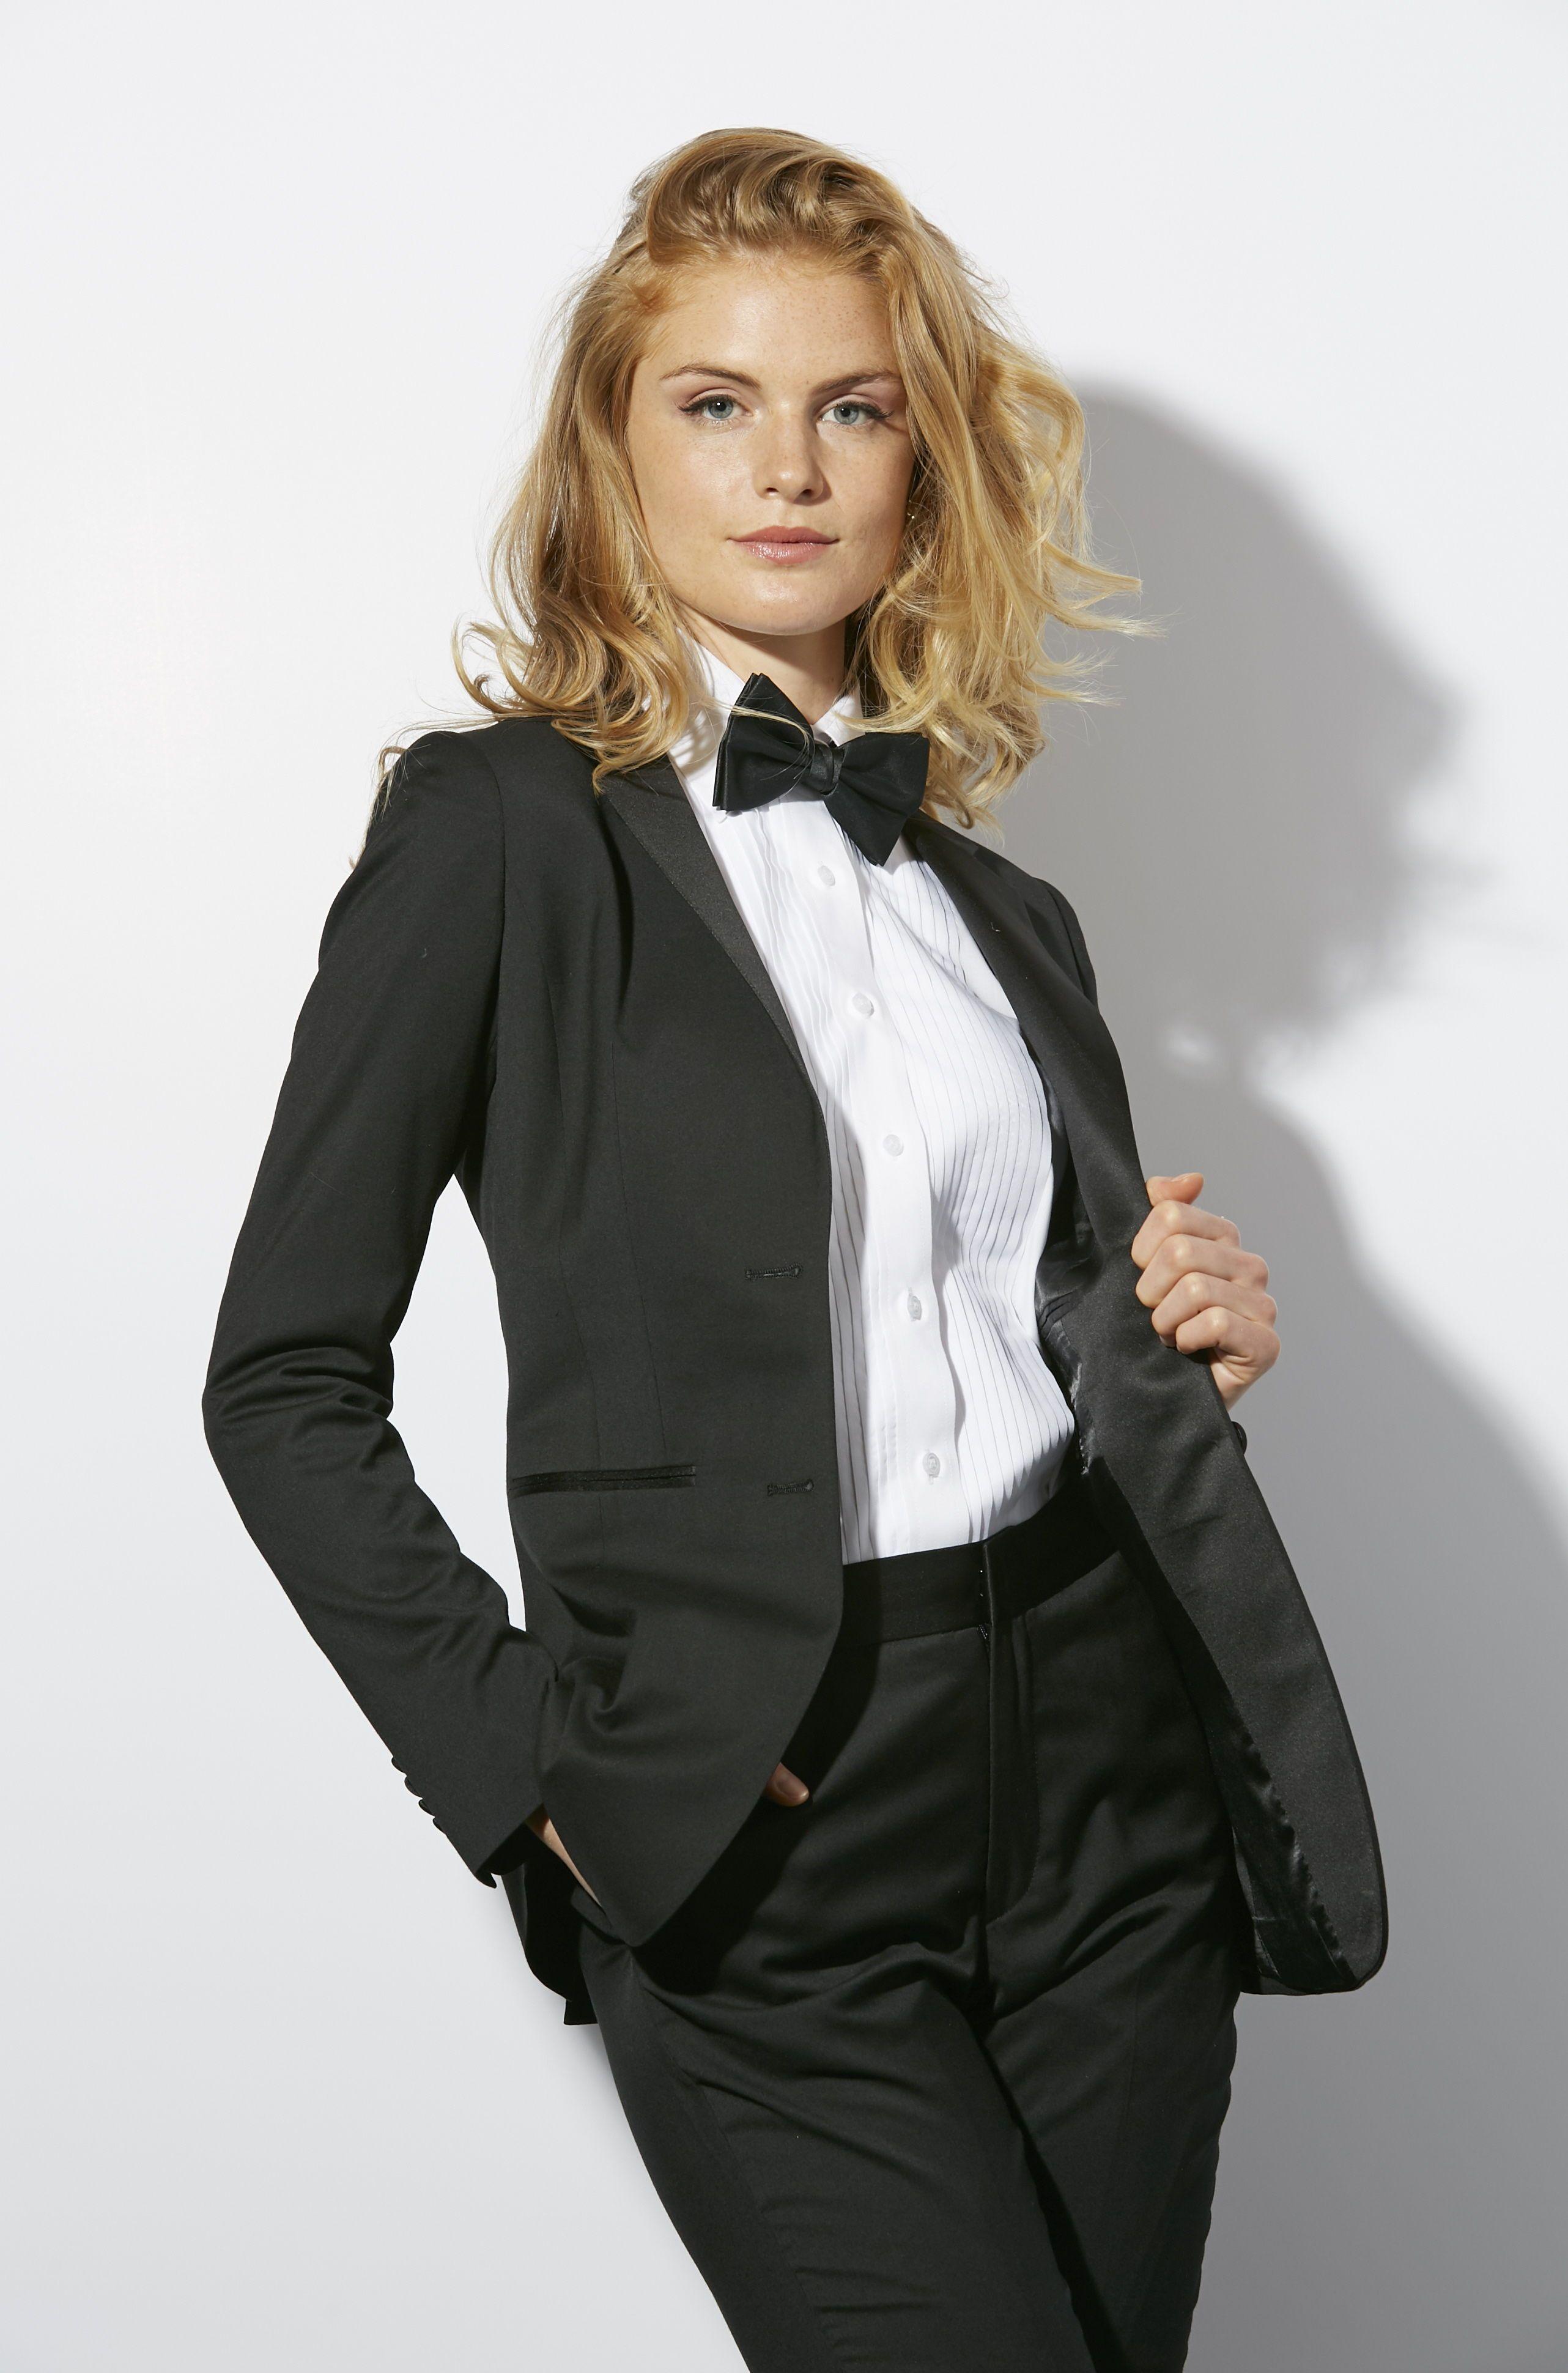 Women S Wedding Suit In Black The Groomsman Suit Women Suits Wedding Tuxedo Women Woman Suit Fashion